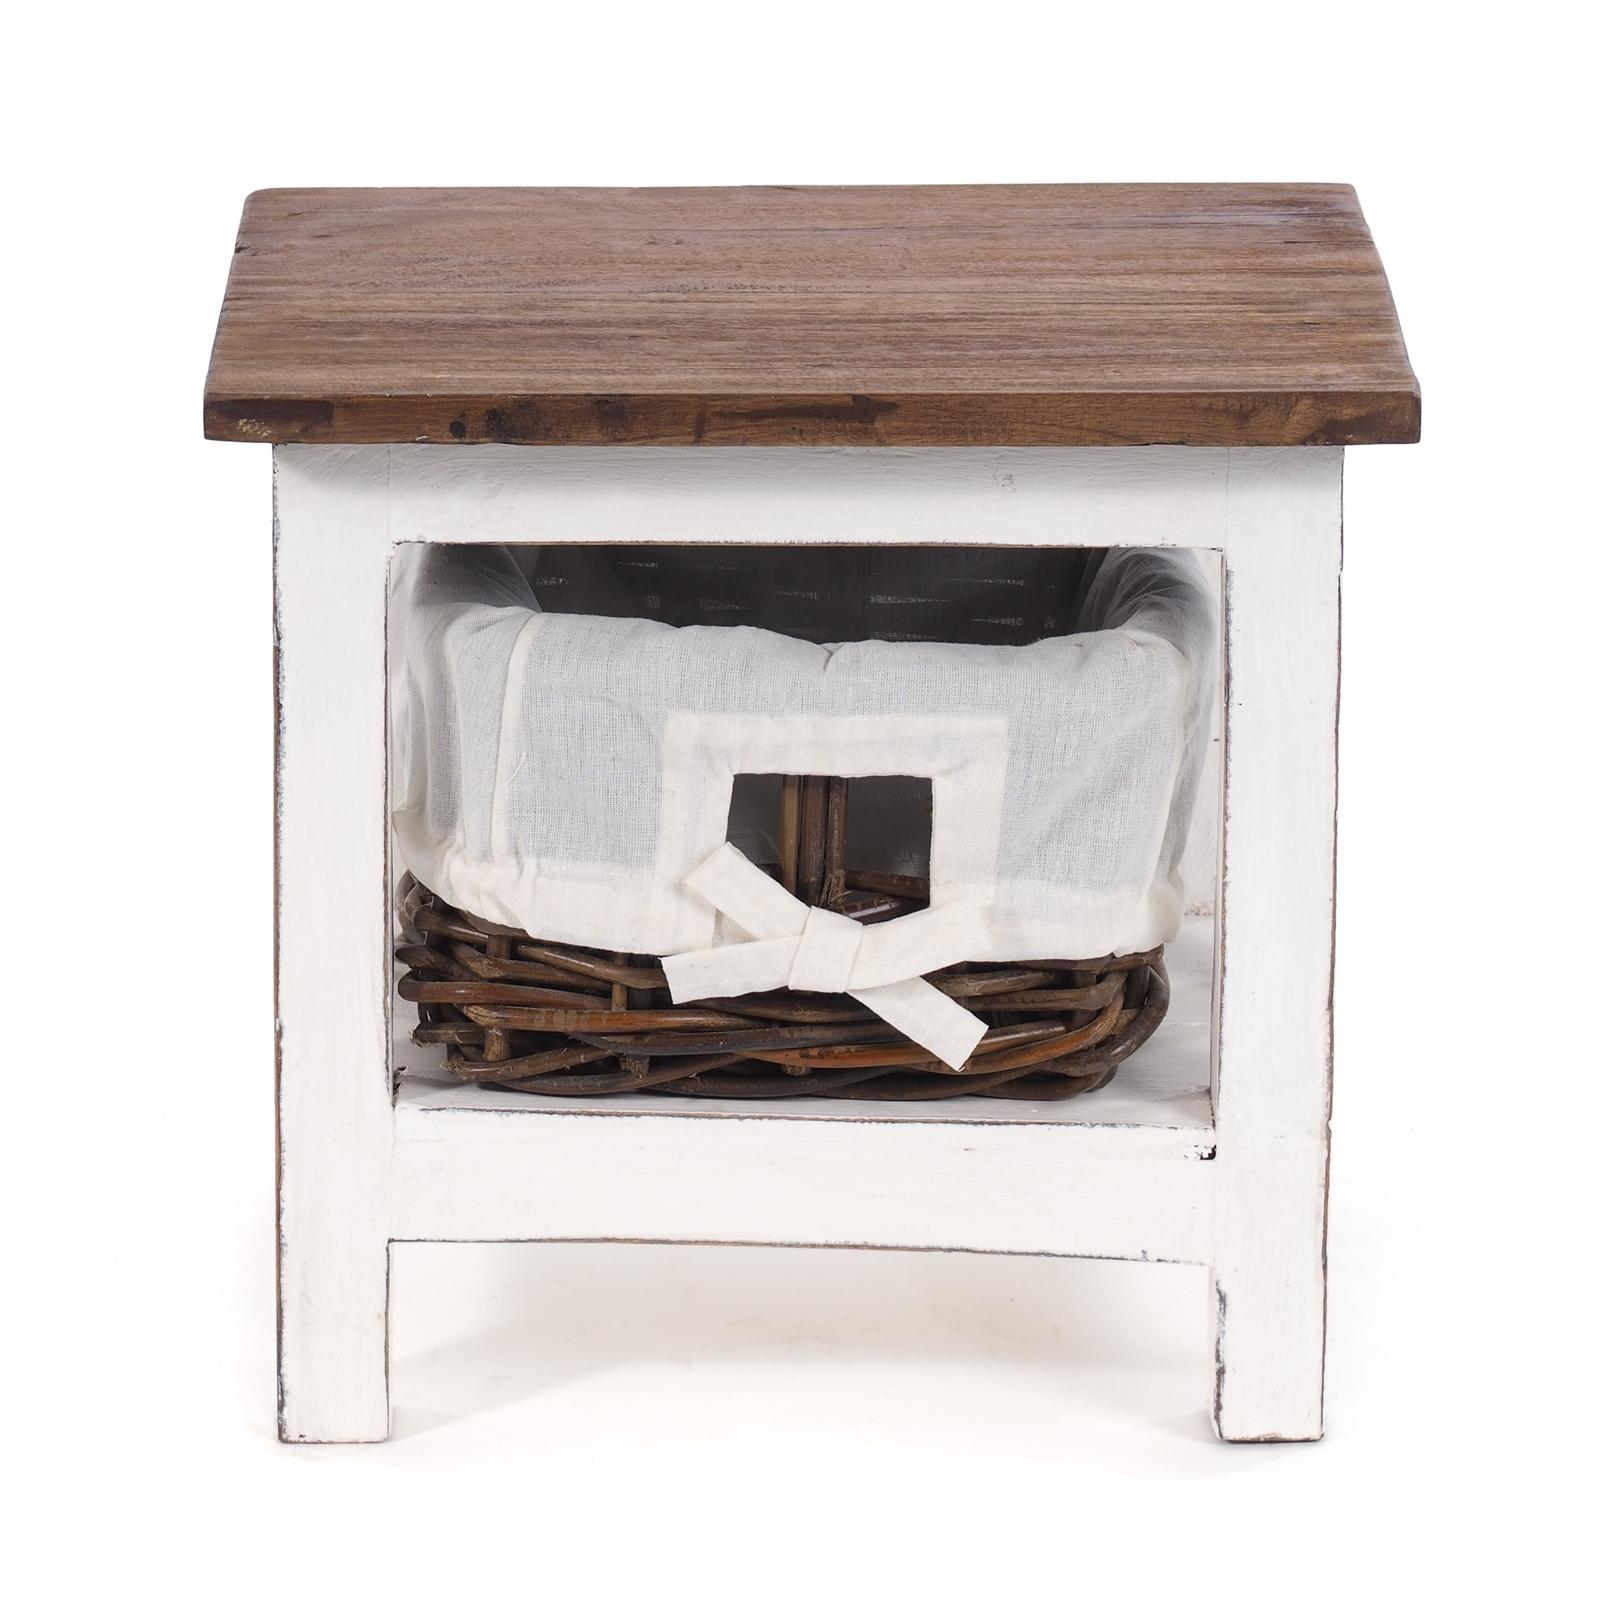 Details Sur Petite Commode Rotin Bois Recycle 40x35x30cm Lxhxp Table De Chevet Afficher Le Titre D Origine